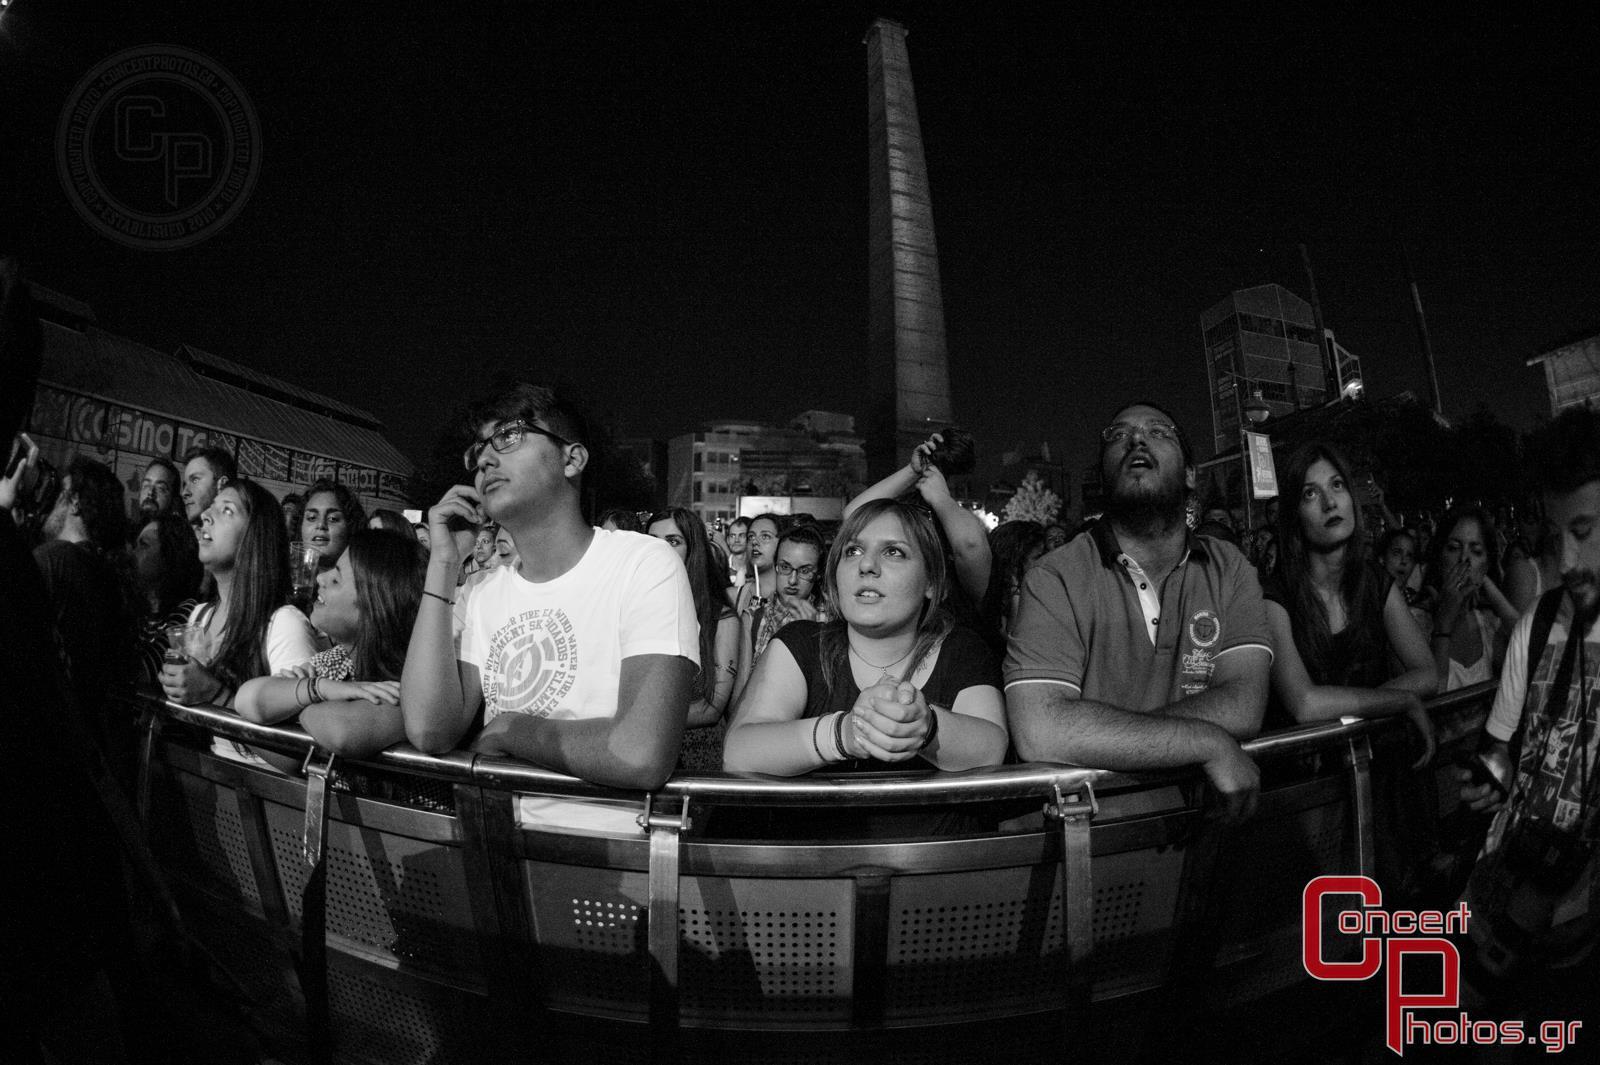 Μία συναυλία για τη Σχεδία 2014-Sxedia 2014 photographer:  - concertphotos_20140526_21_35_39